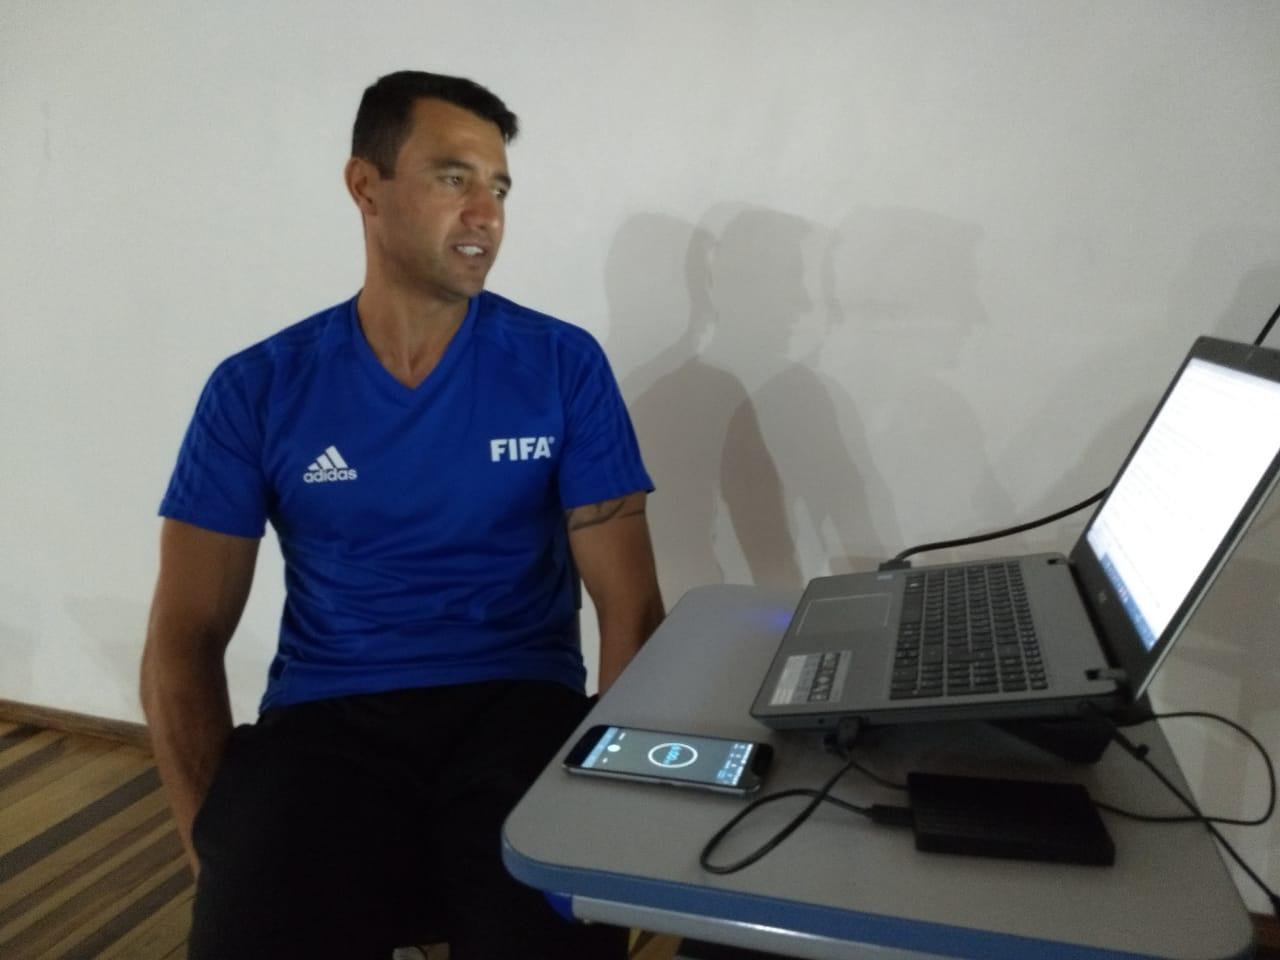 Árbitro Bráulio Machado da Silva realiza curso para integrantes da Liga Esportiva Oestina